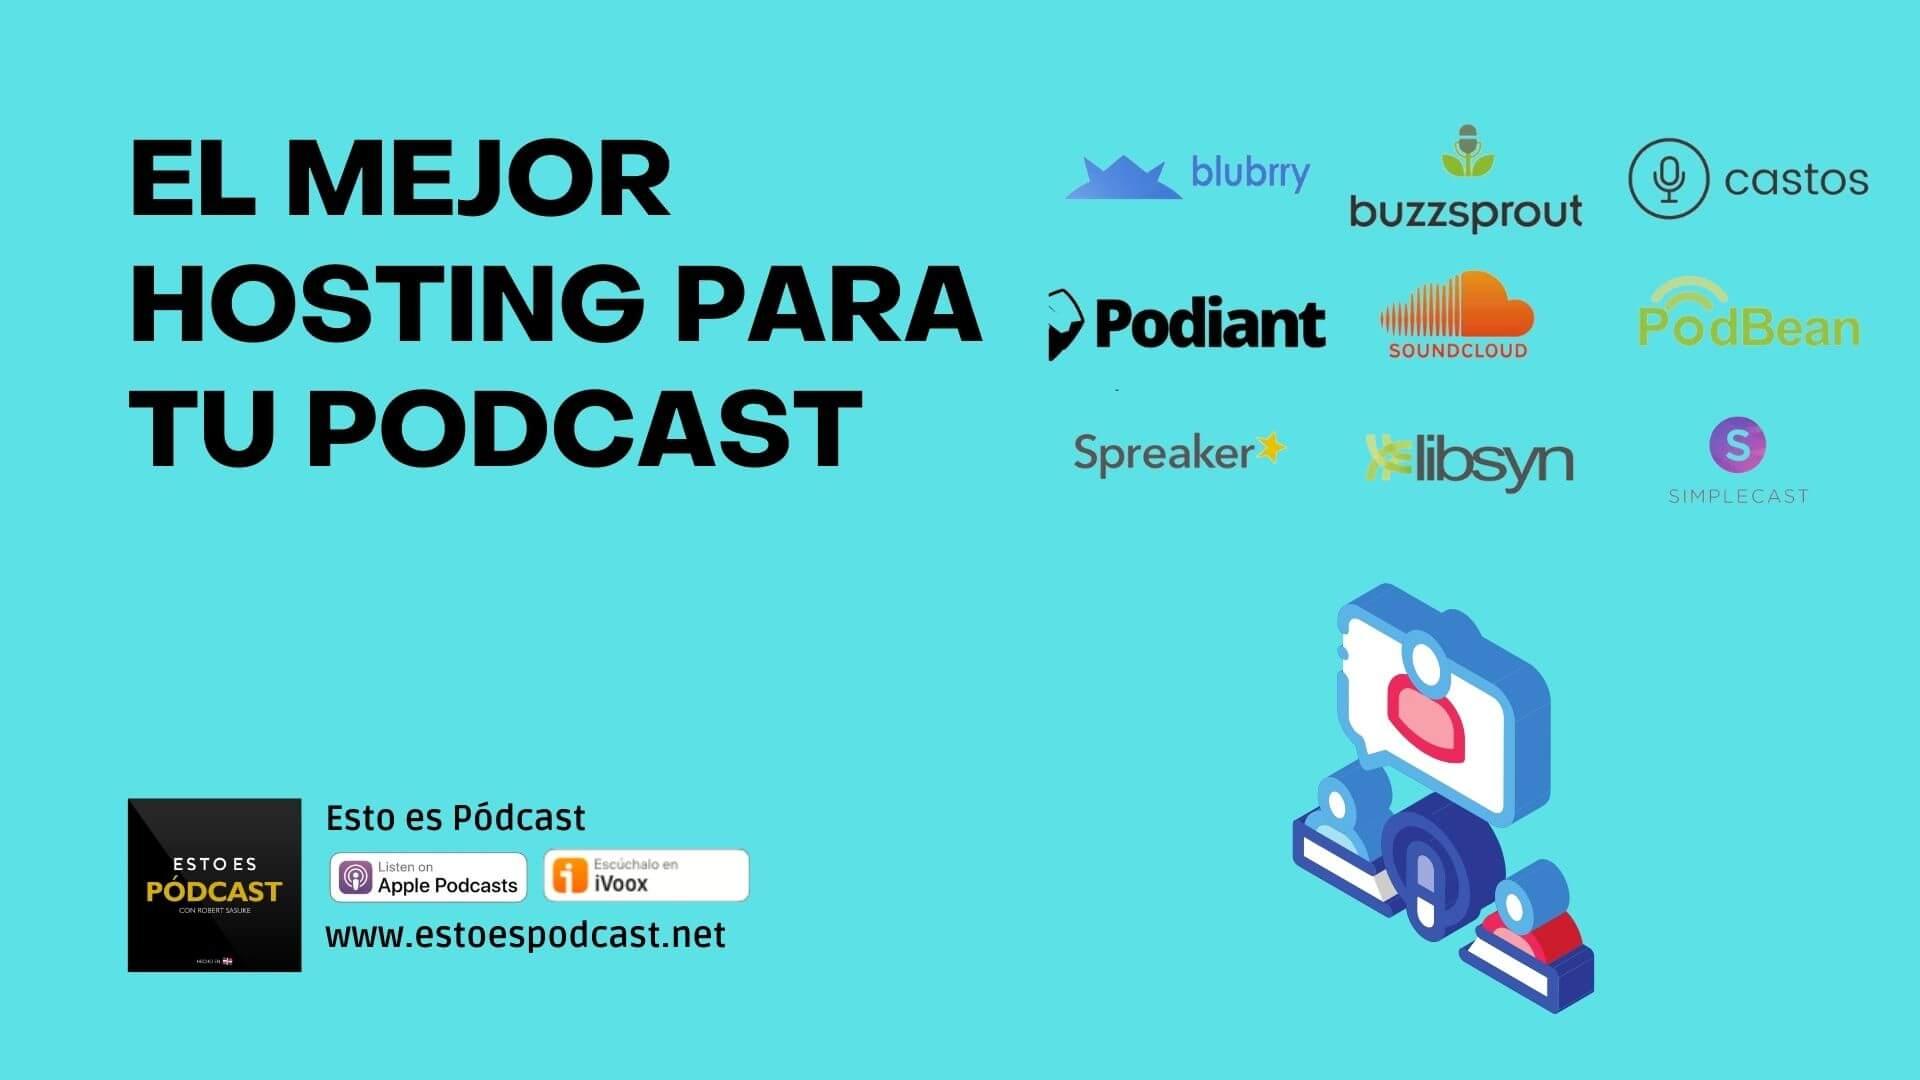 ¿Cómo elijo un hosting bueno para mi podcast?